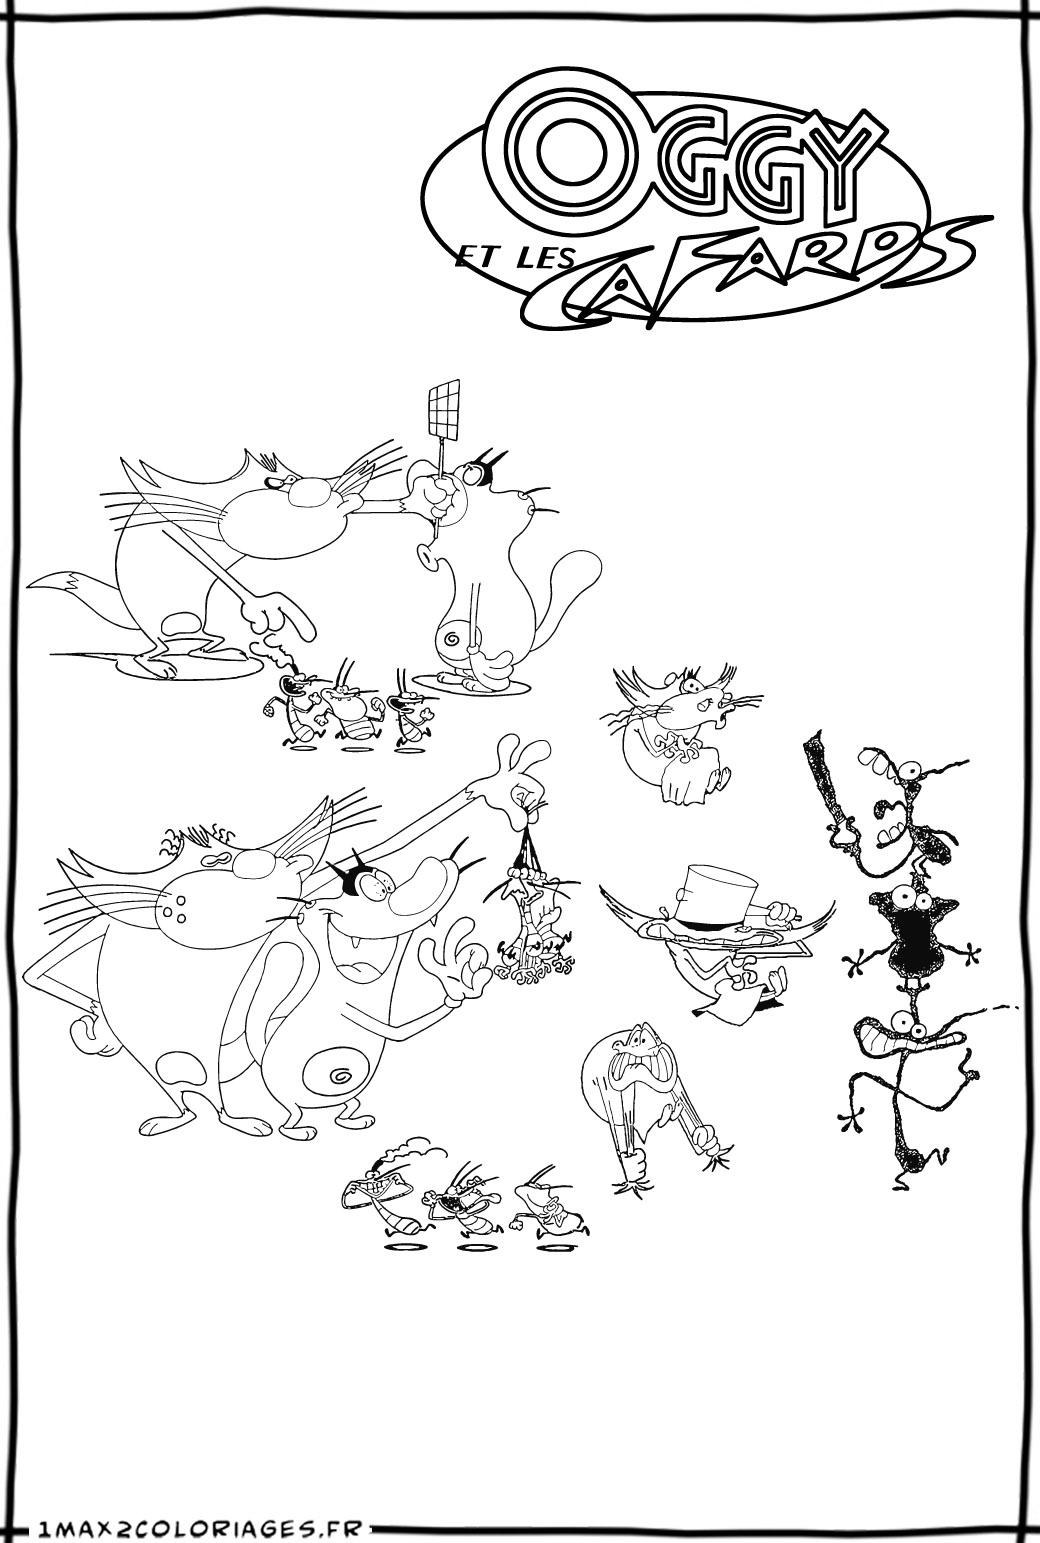 dessin à colorier gratuit oggy et les cafards